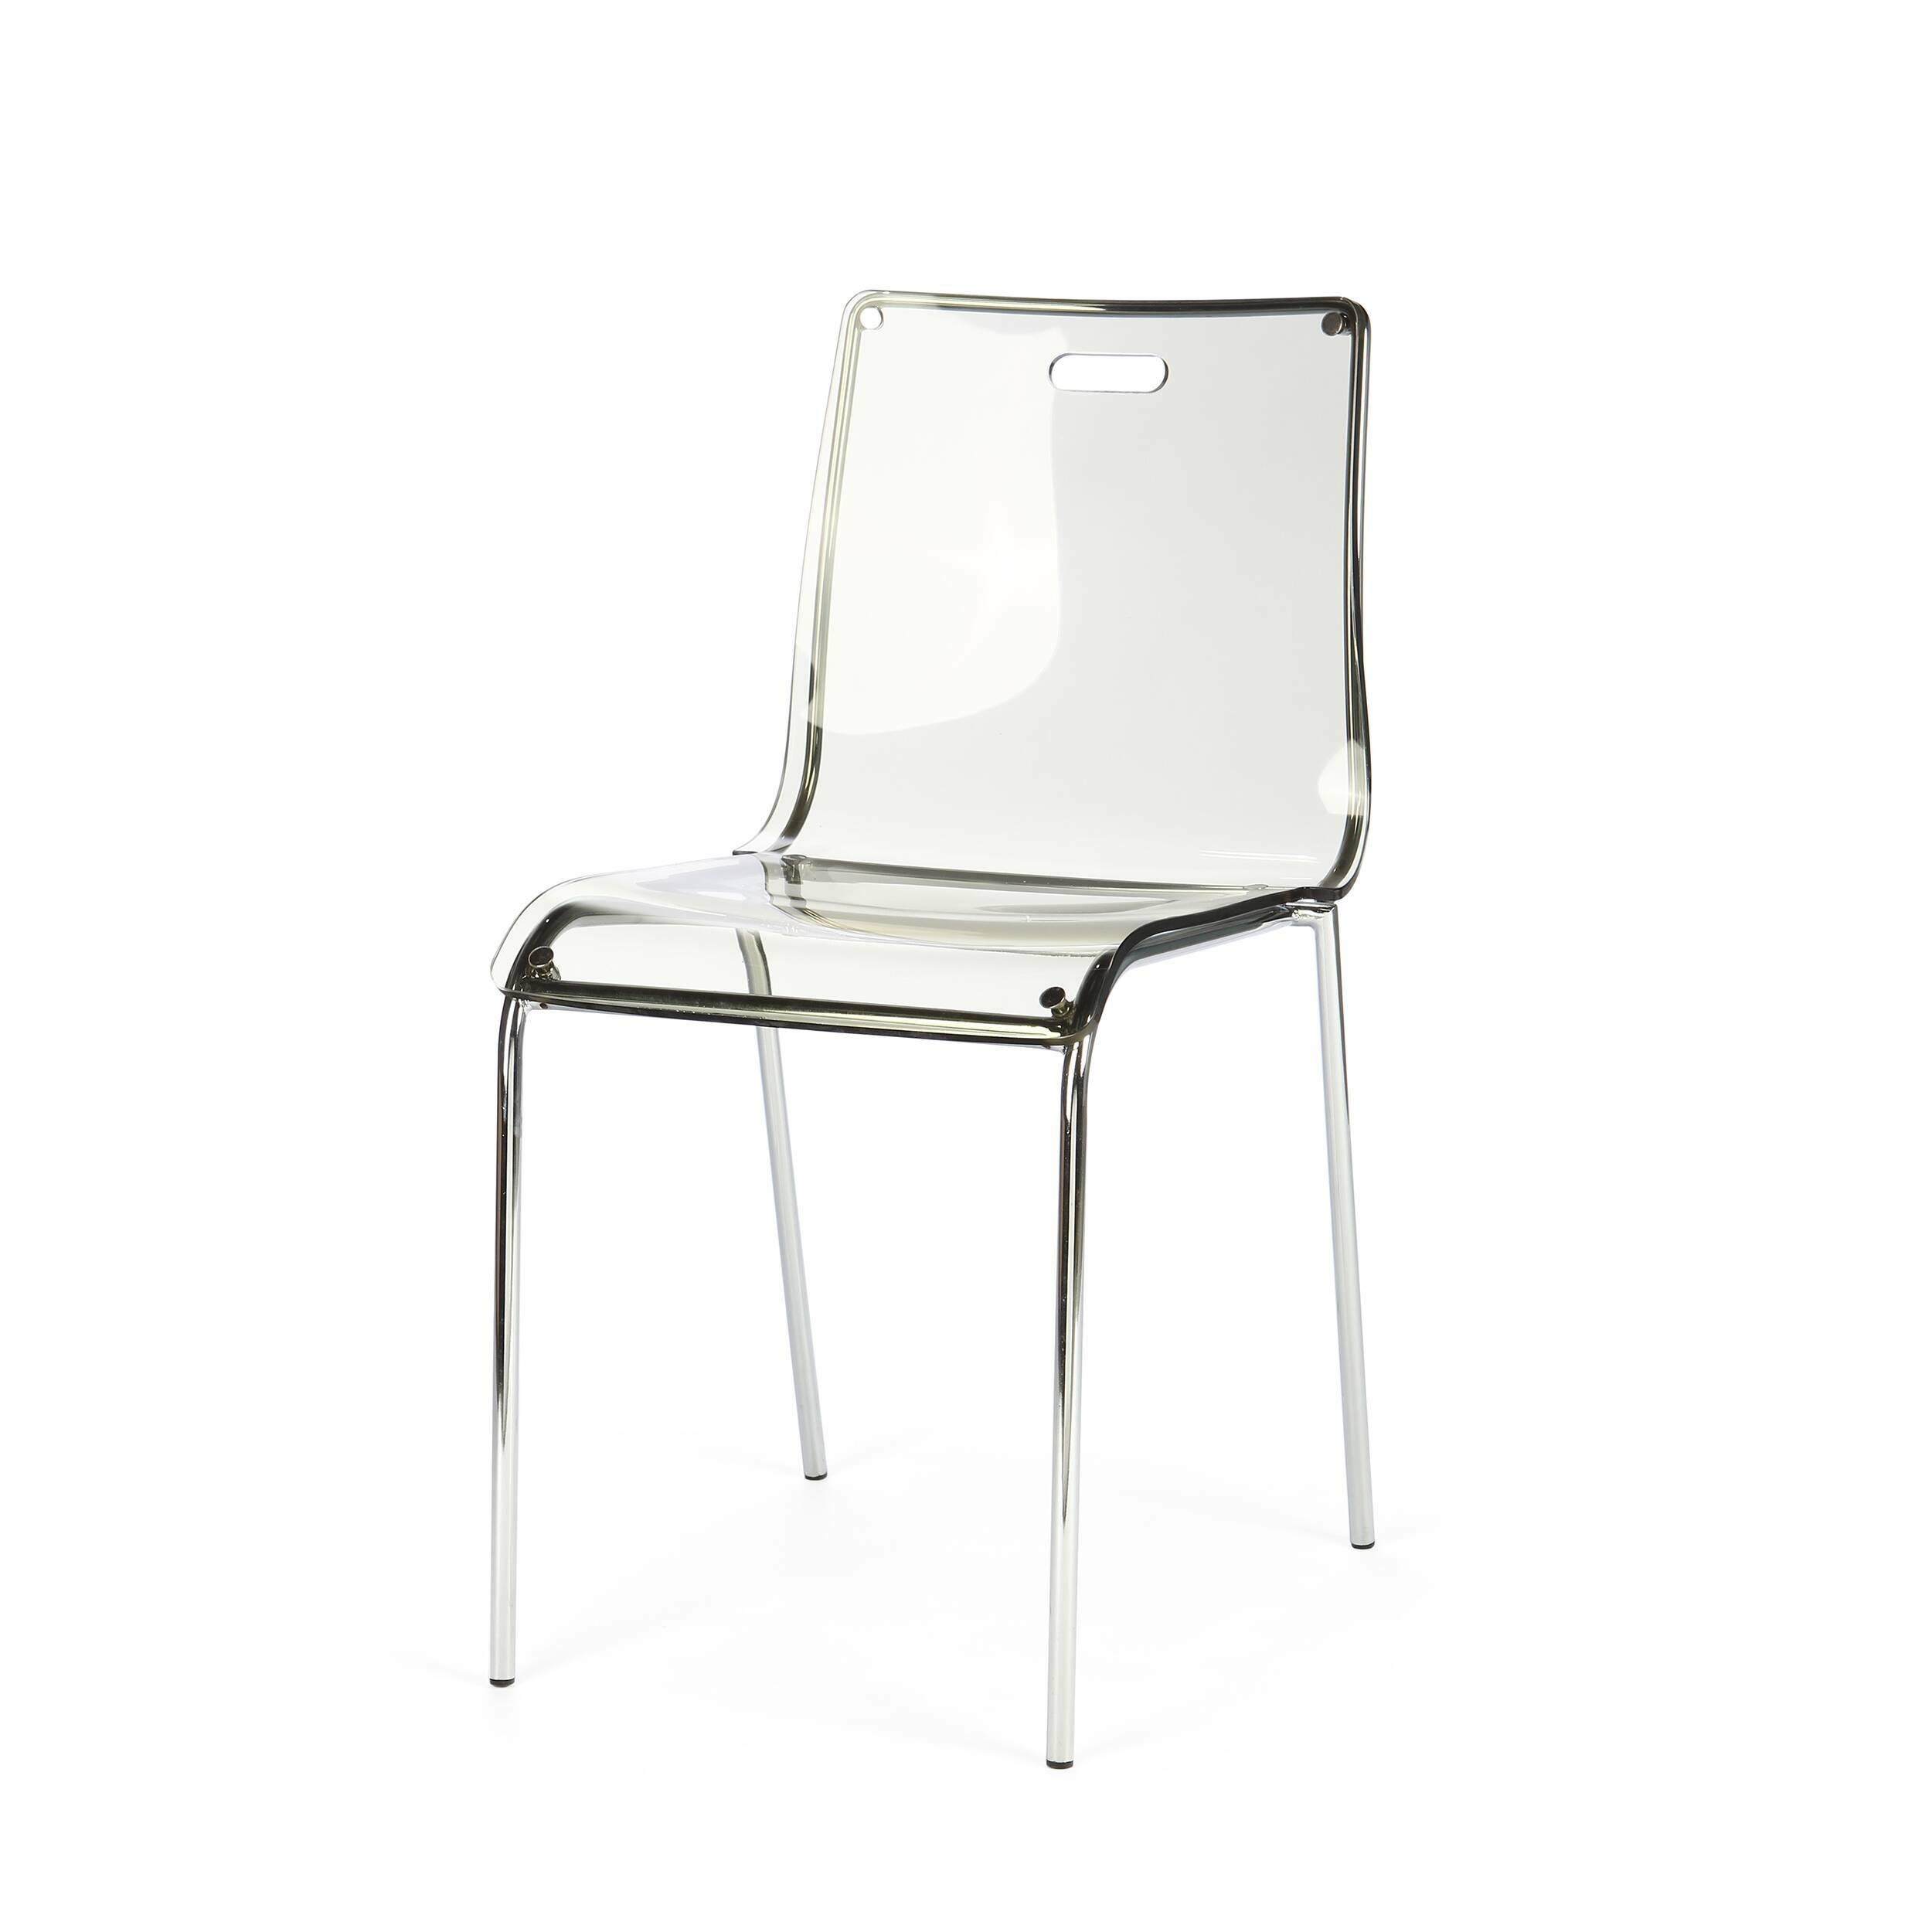 Стул AcrylicИнтерьерные<br>Cтул Acrylic — одна из моделей мебели одноименной коллекции. Вся линейка состоит из мебели, объединенной одним стилем и материалами исполнения. Acryl, или акрил — это материал, который хорош в изготовлении мебели с глянцевой поверхностью. Он обладает высокой прочностью и устойчивостью к истиранию. Он также водонепроницаем и отлично выдерживает перепады температур. <br> <br> Модель выполнена в тех же цветах, что и барный стул. Небесно-голубой и серый цвета лаконичны и универсальны для любого совре...<br><br>stock: 9<br>Высота: 79.5<br>Высота сиденья: 43-47.5<br>Ширина: 46.5<br>Глубина: 53<br>Цвет ножек: Хром<br>Цвет сидения: Дымчатый<br>Тип материала сидения: Акрил<br>Тип материала ножек: Сталь